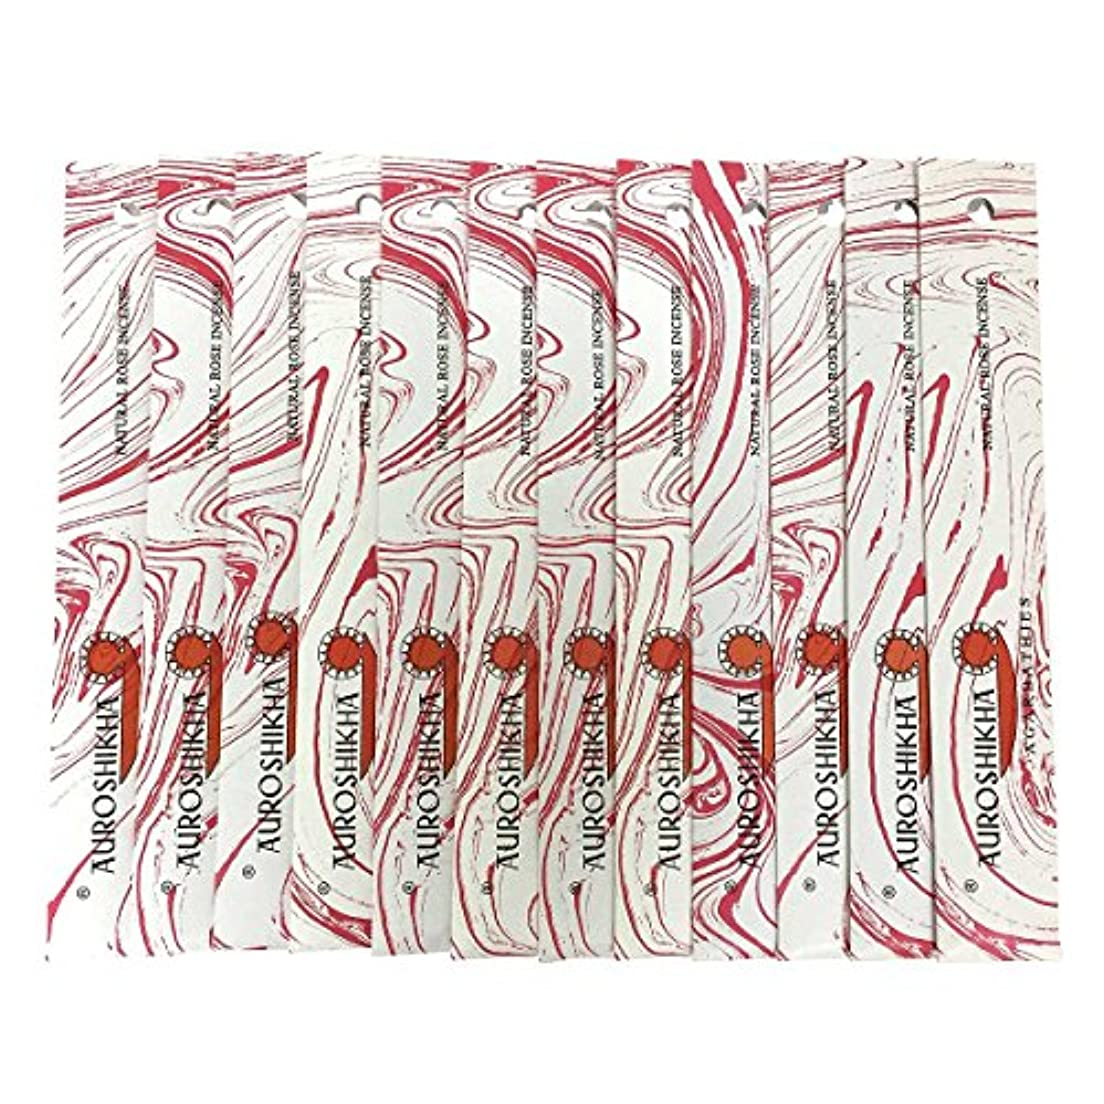 環境蛾マーガレットミッチェルAUROSHIKHA オウロシカ(NATURAL ROSEナチュラルローズ12個セット) マーブルパッケージスティック 送料無料